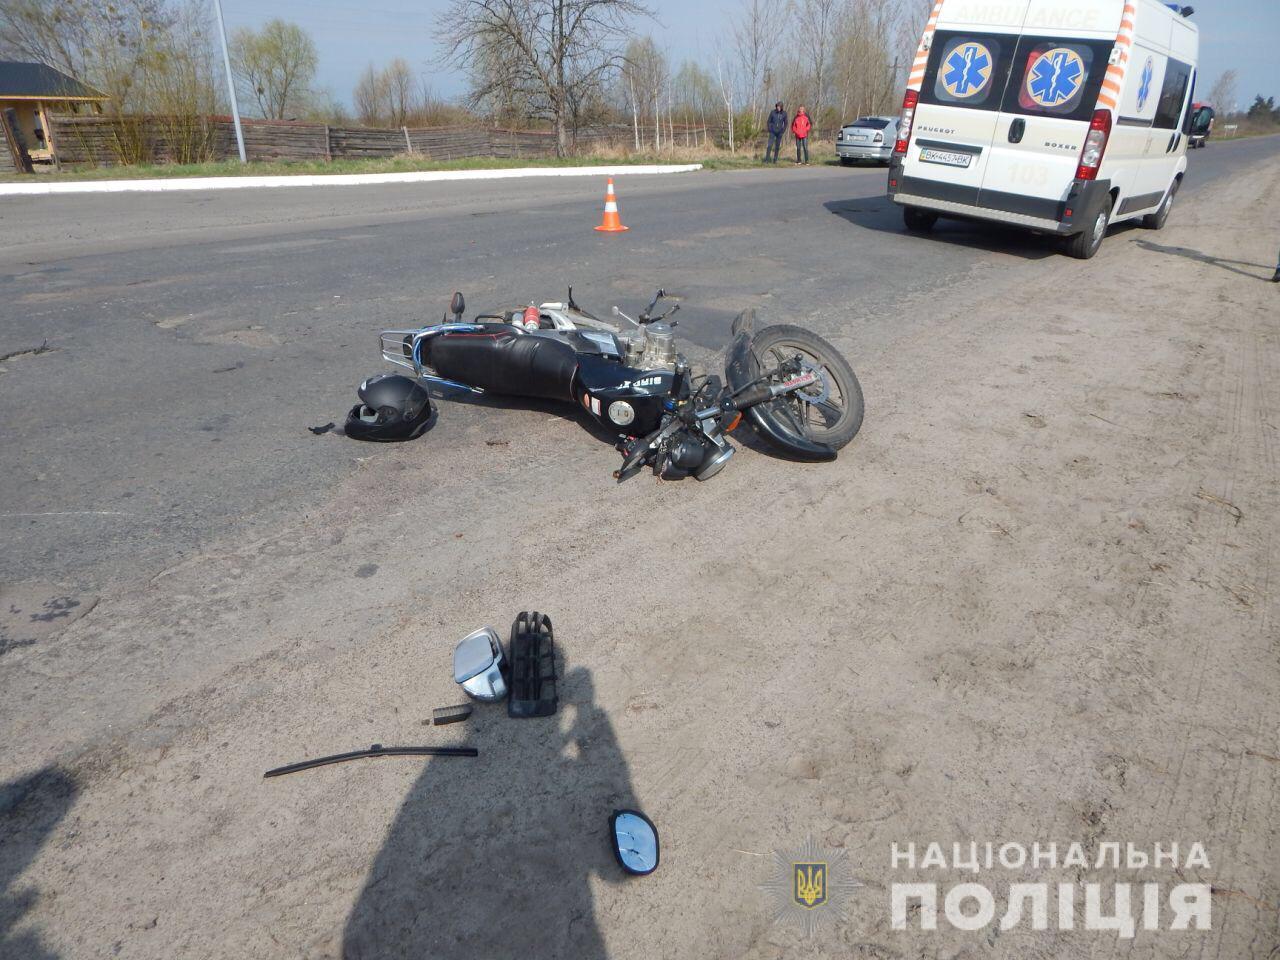 Неподалік Івано-Франківська кросовер збив мотоцикліста